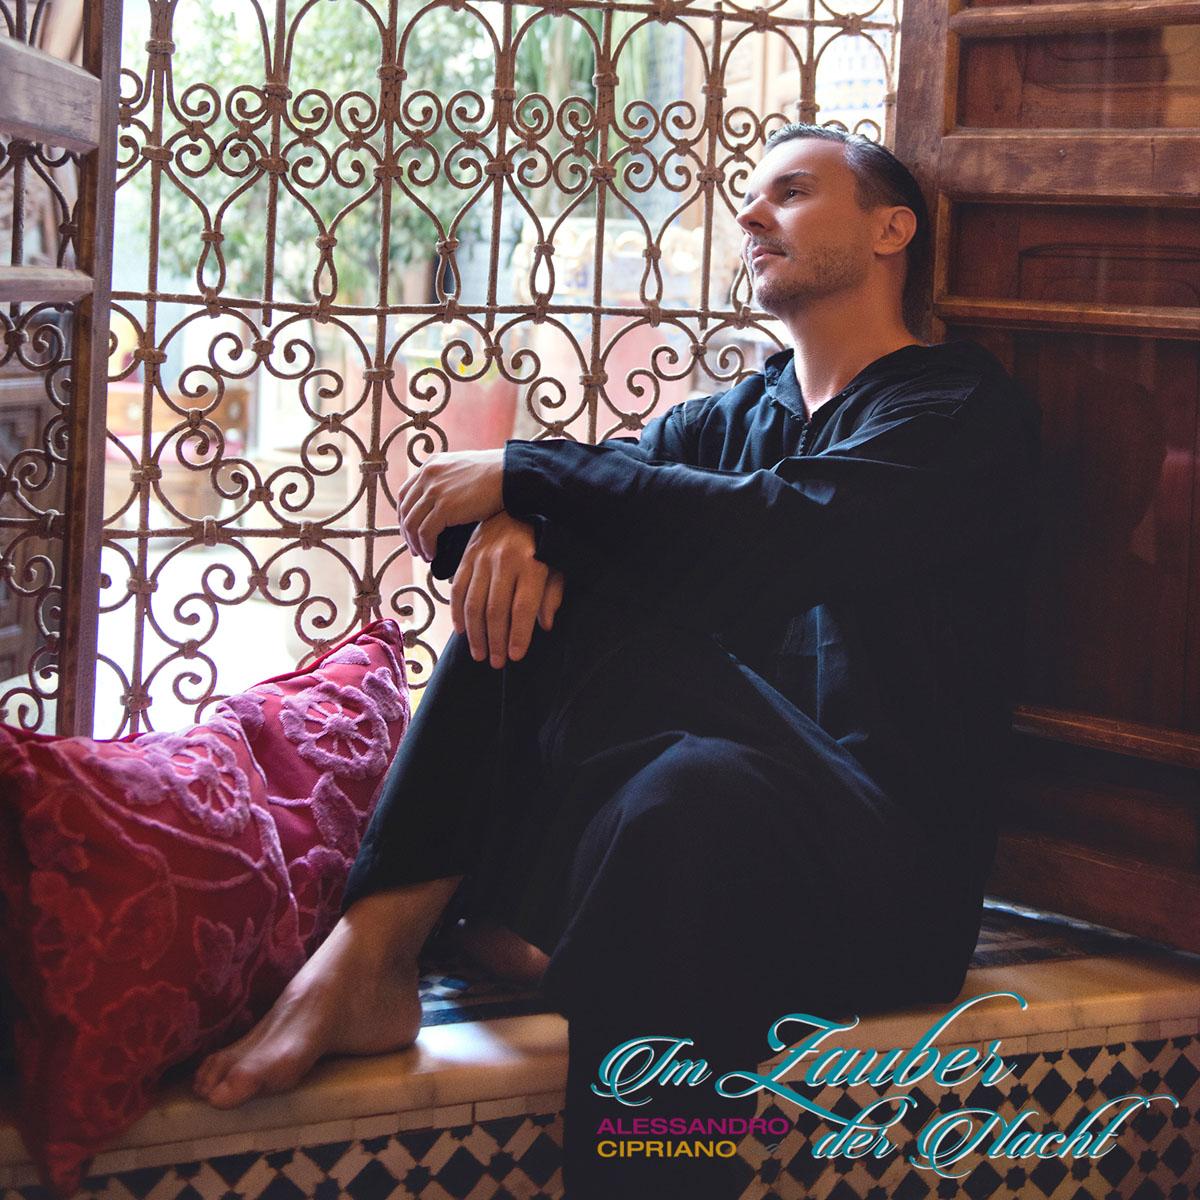 Im Zauber der Nacht, Alessandro Cipriano 2019